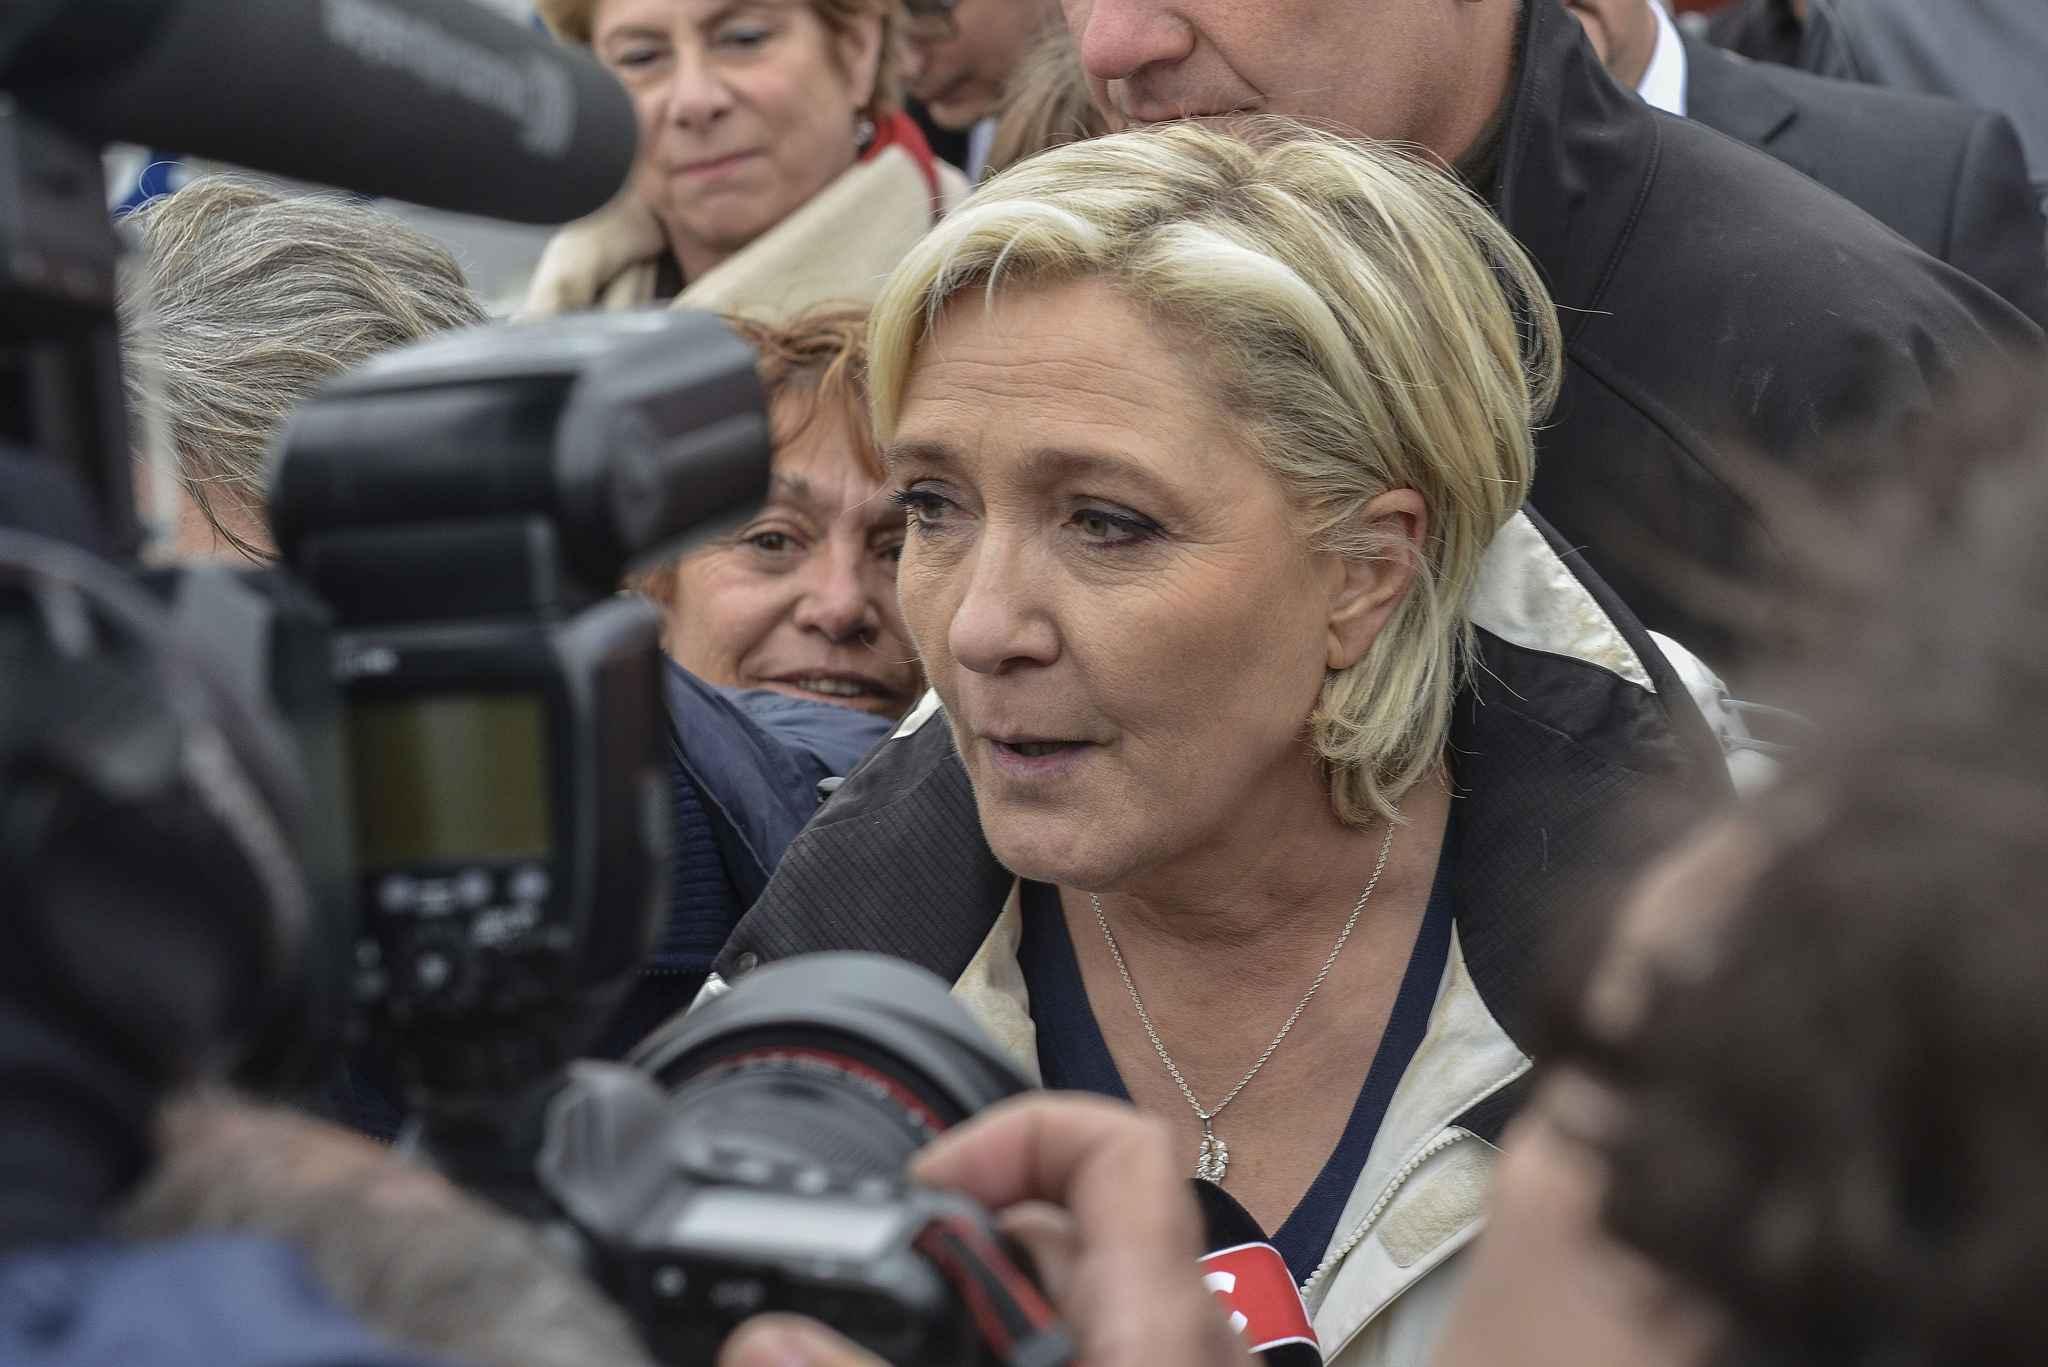 Emmanuel Macron : à Sarcelles, le candidat fait l'éloge de la diversité